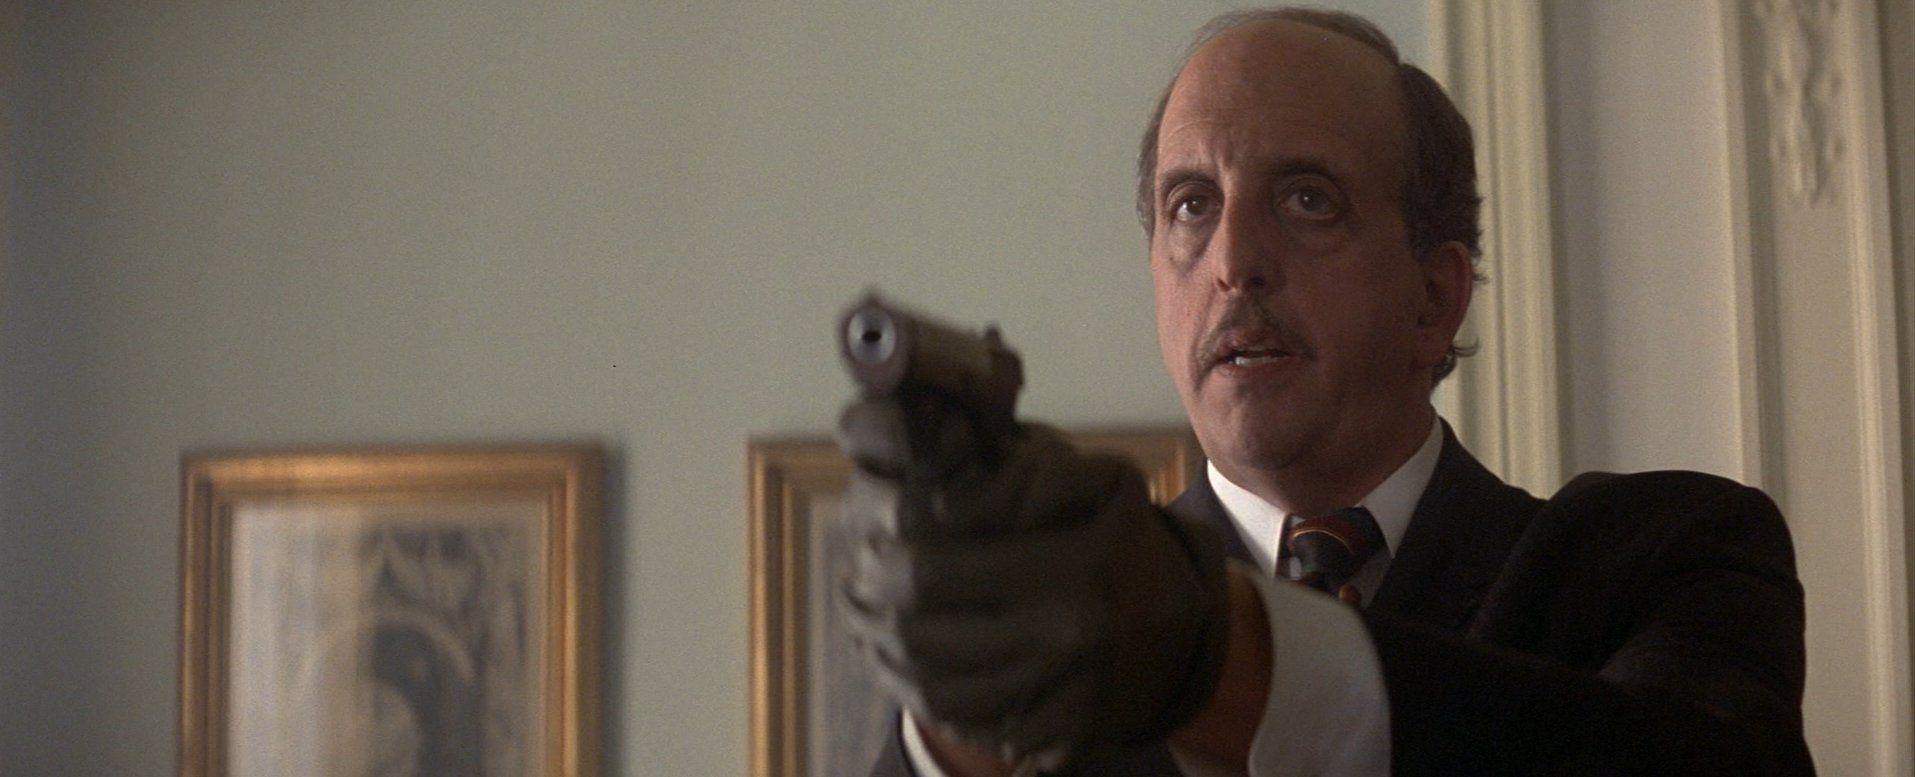 Vincent Schiavelli è il Dr. Kaufman ne Il domani non muore mai